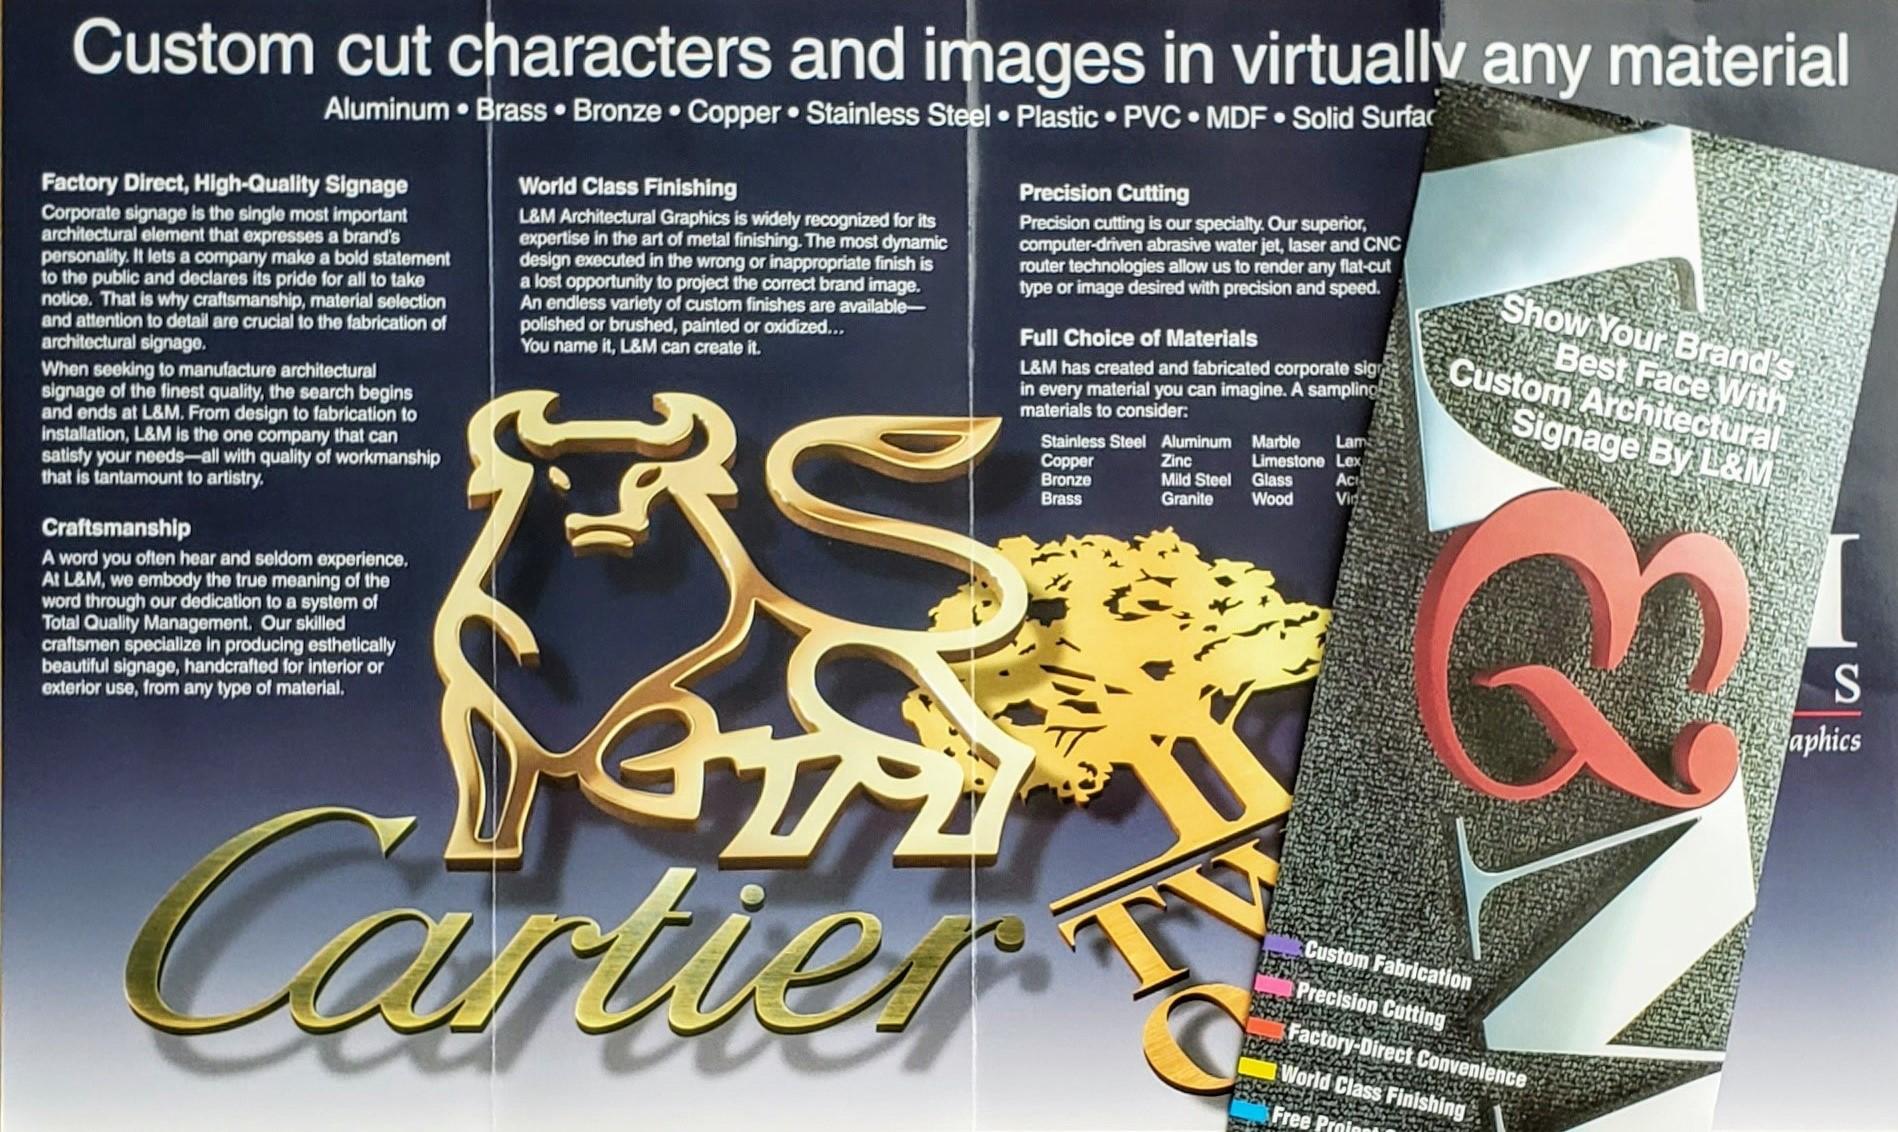 l&m_about_brochure